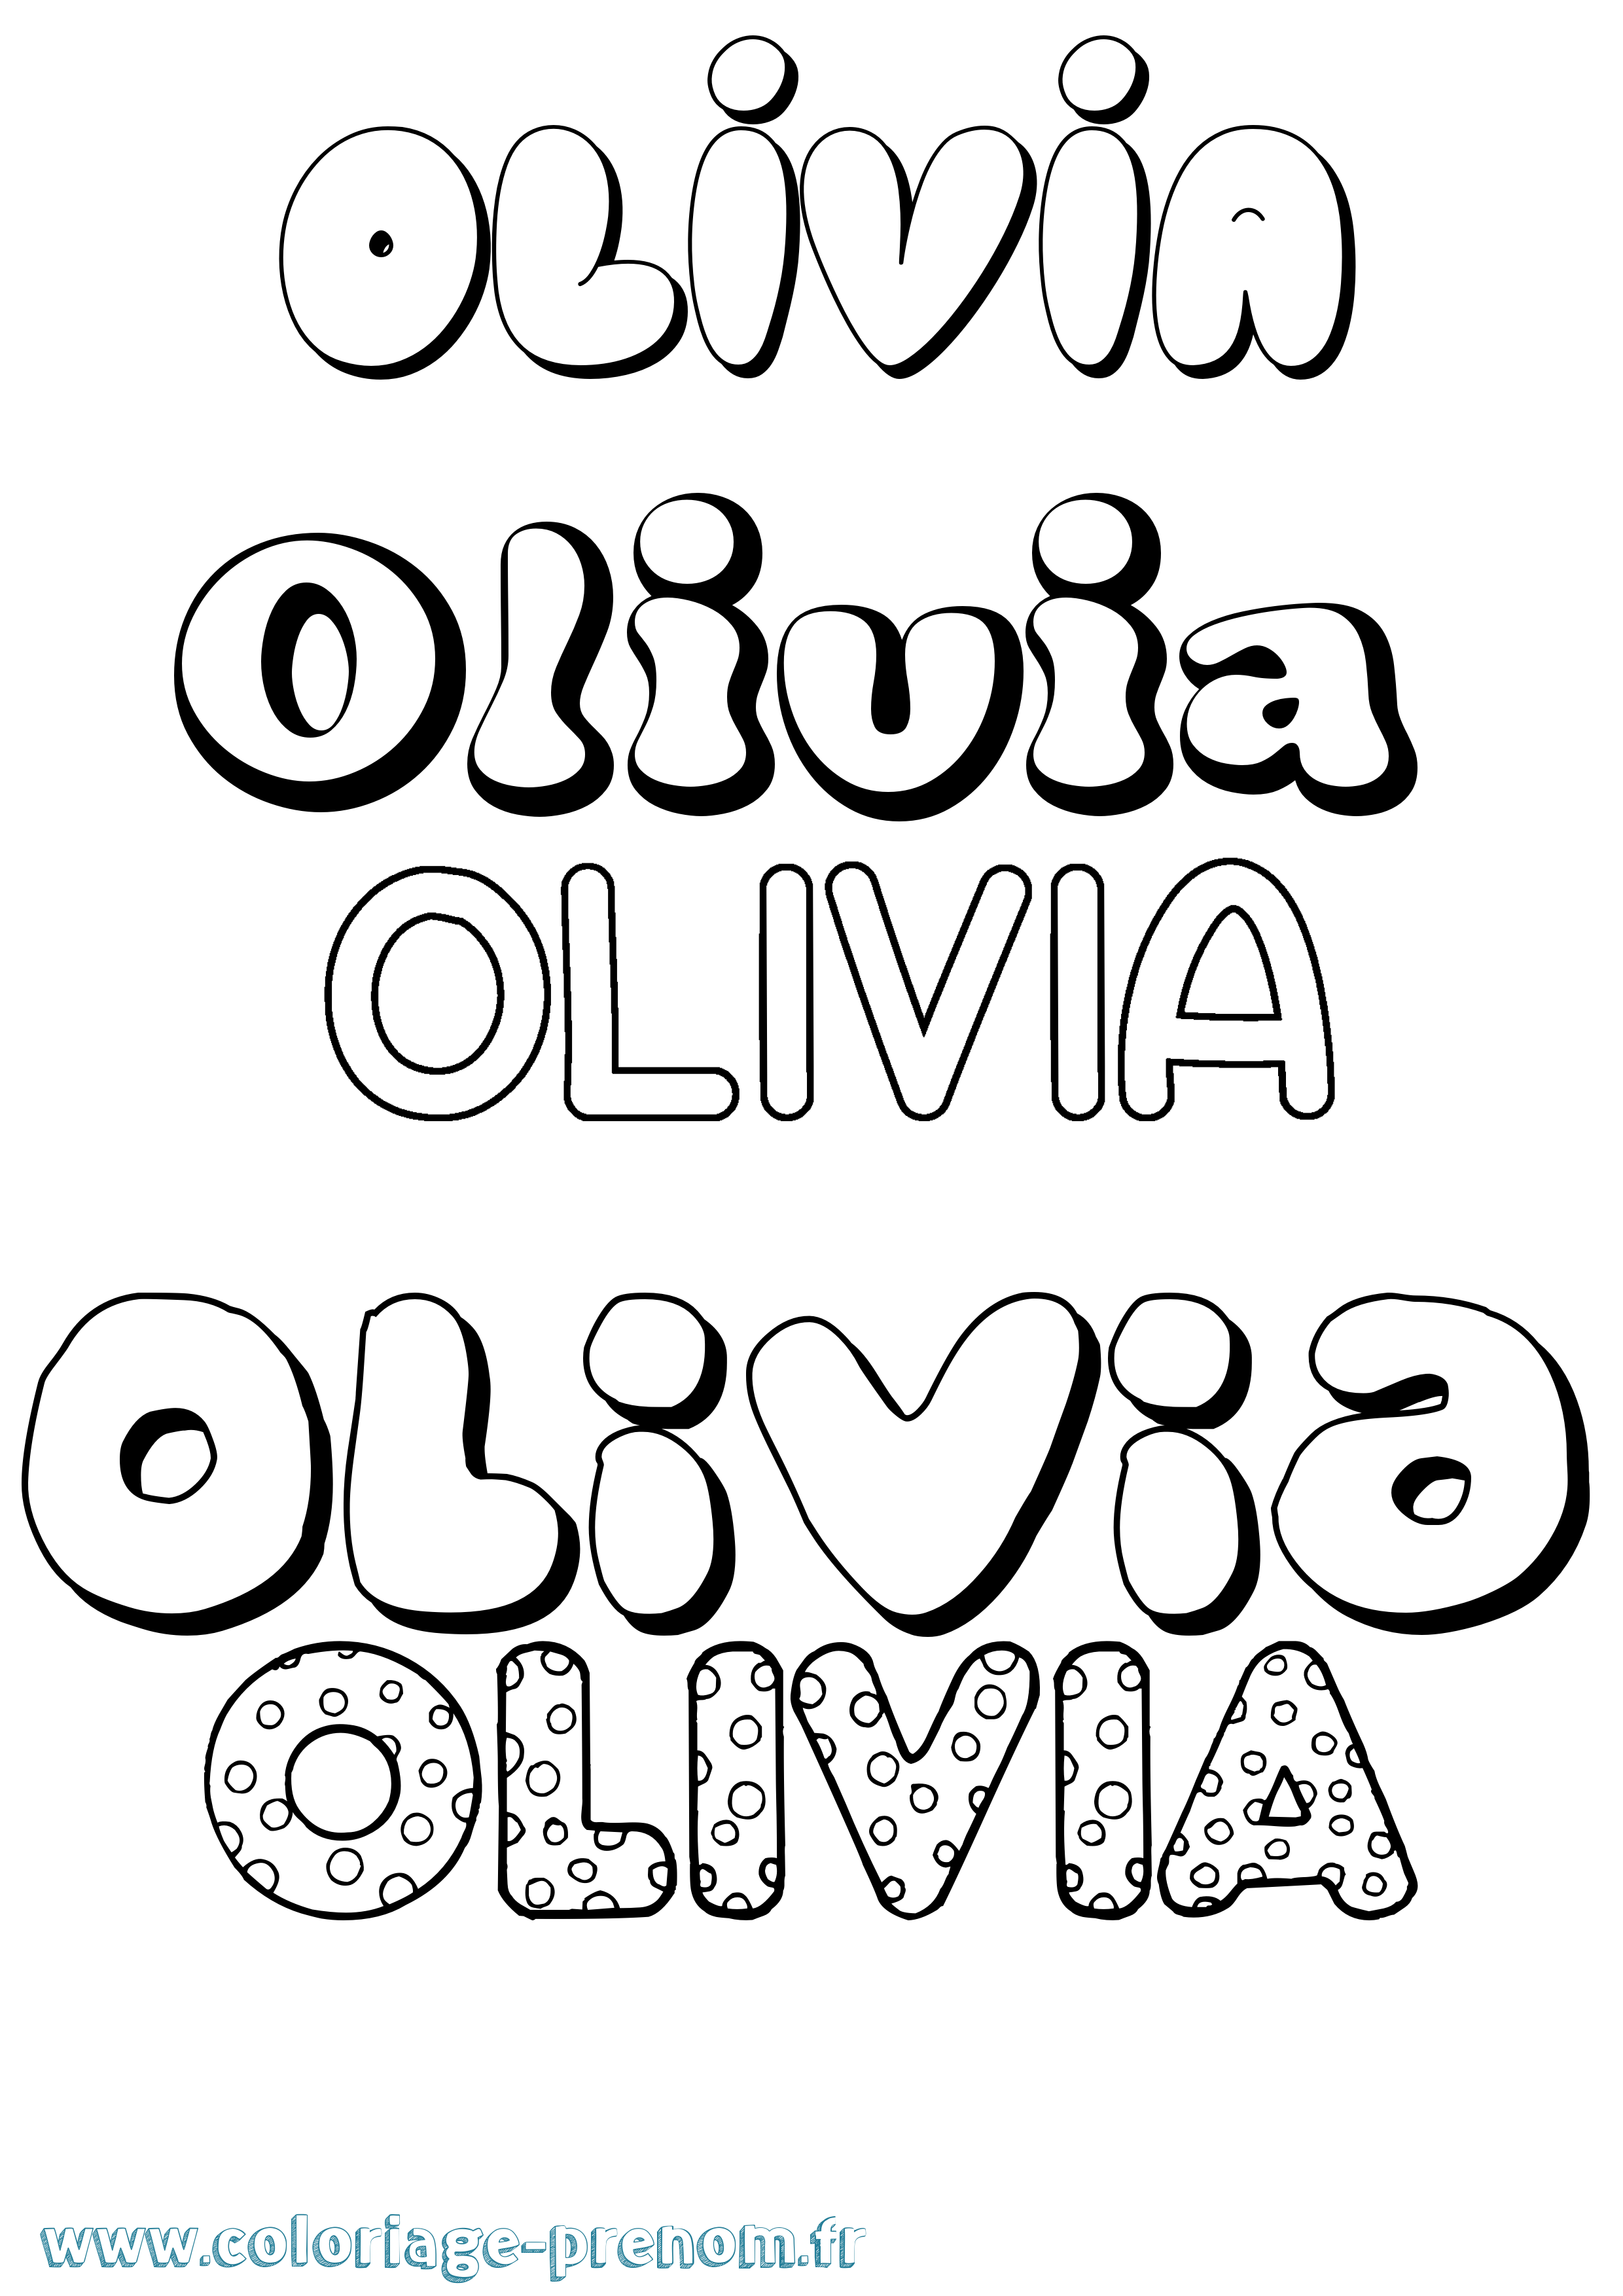 Coloriage du prénom Olivia : à Imprimer ou Télécharger ...